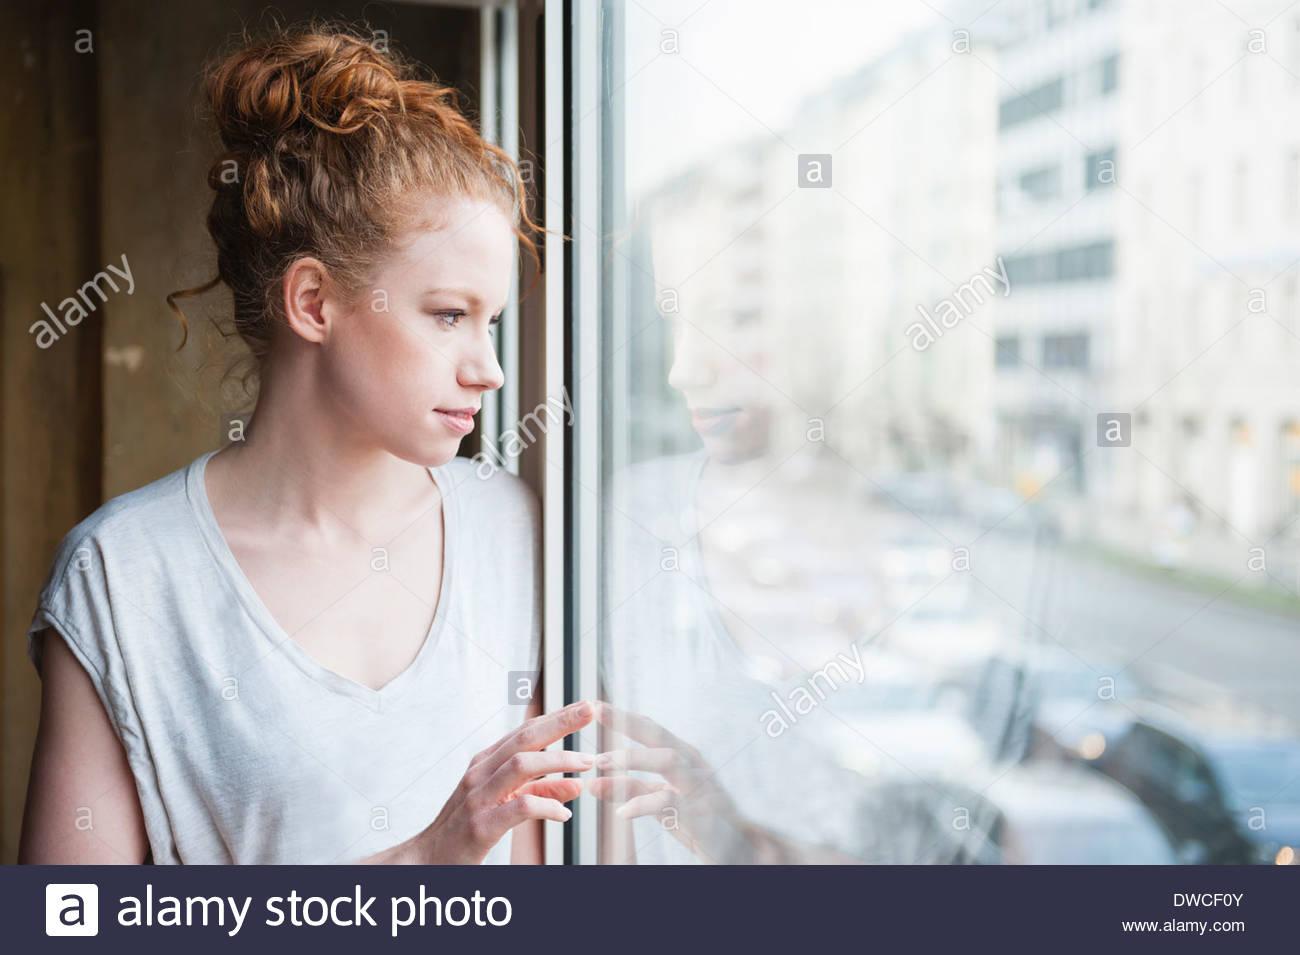 Mujer joven mirando hacia afuera de la ventana a la calle Imagen De Stock